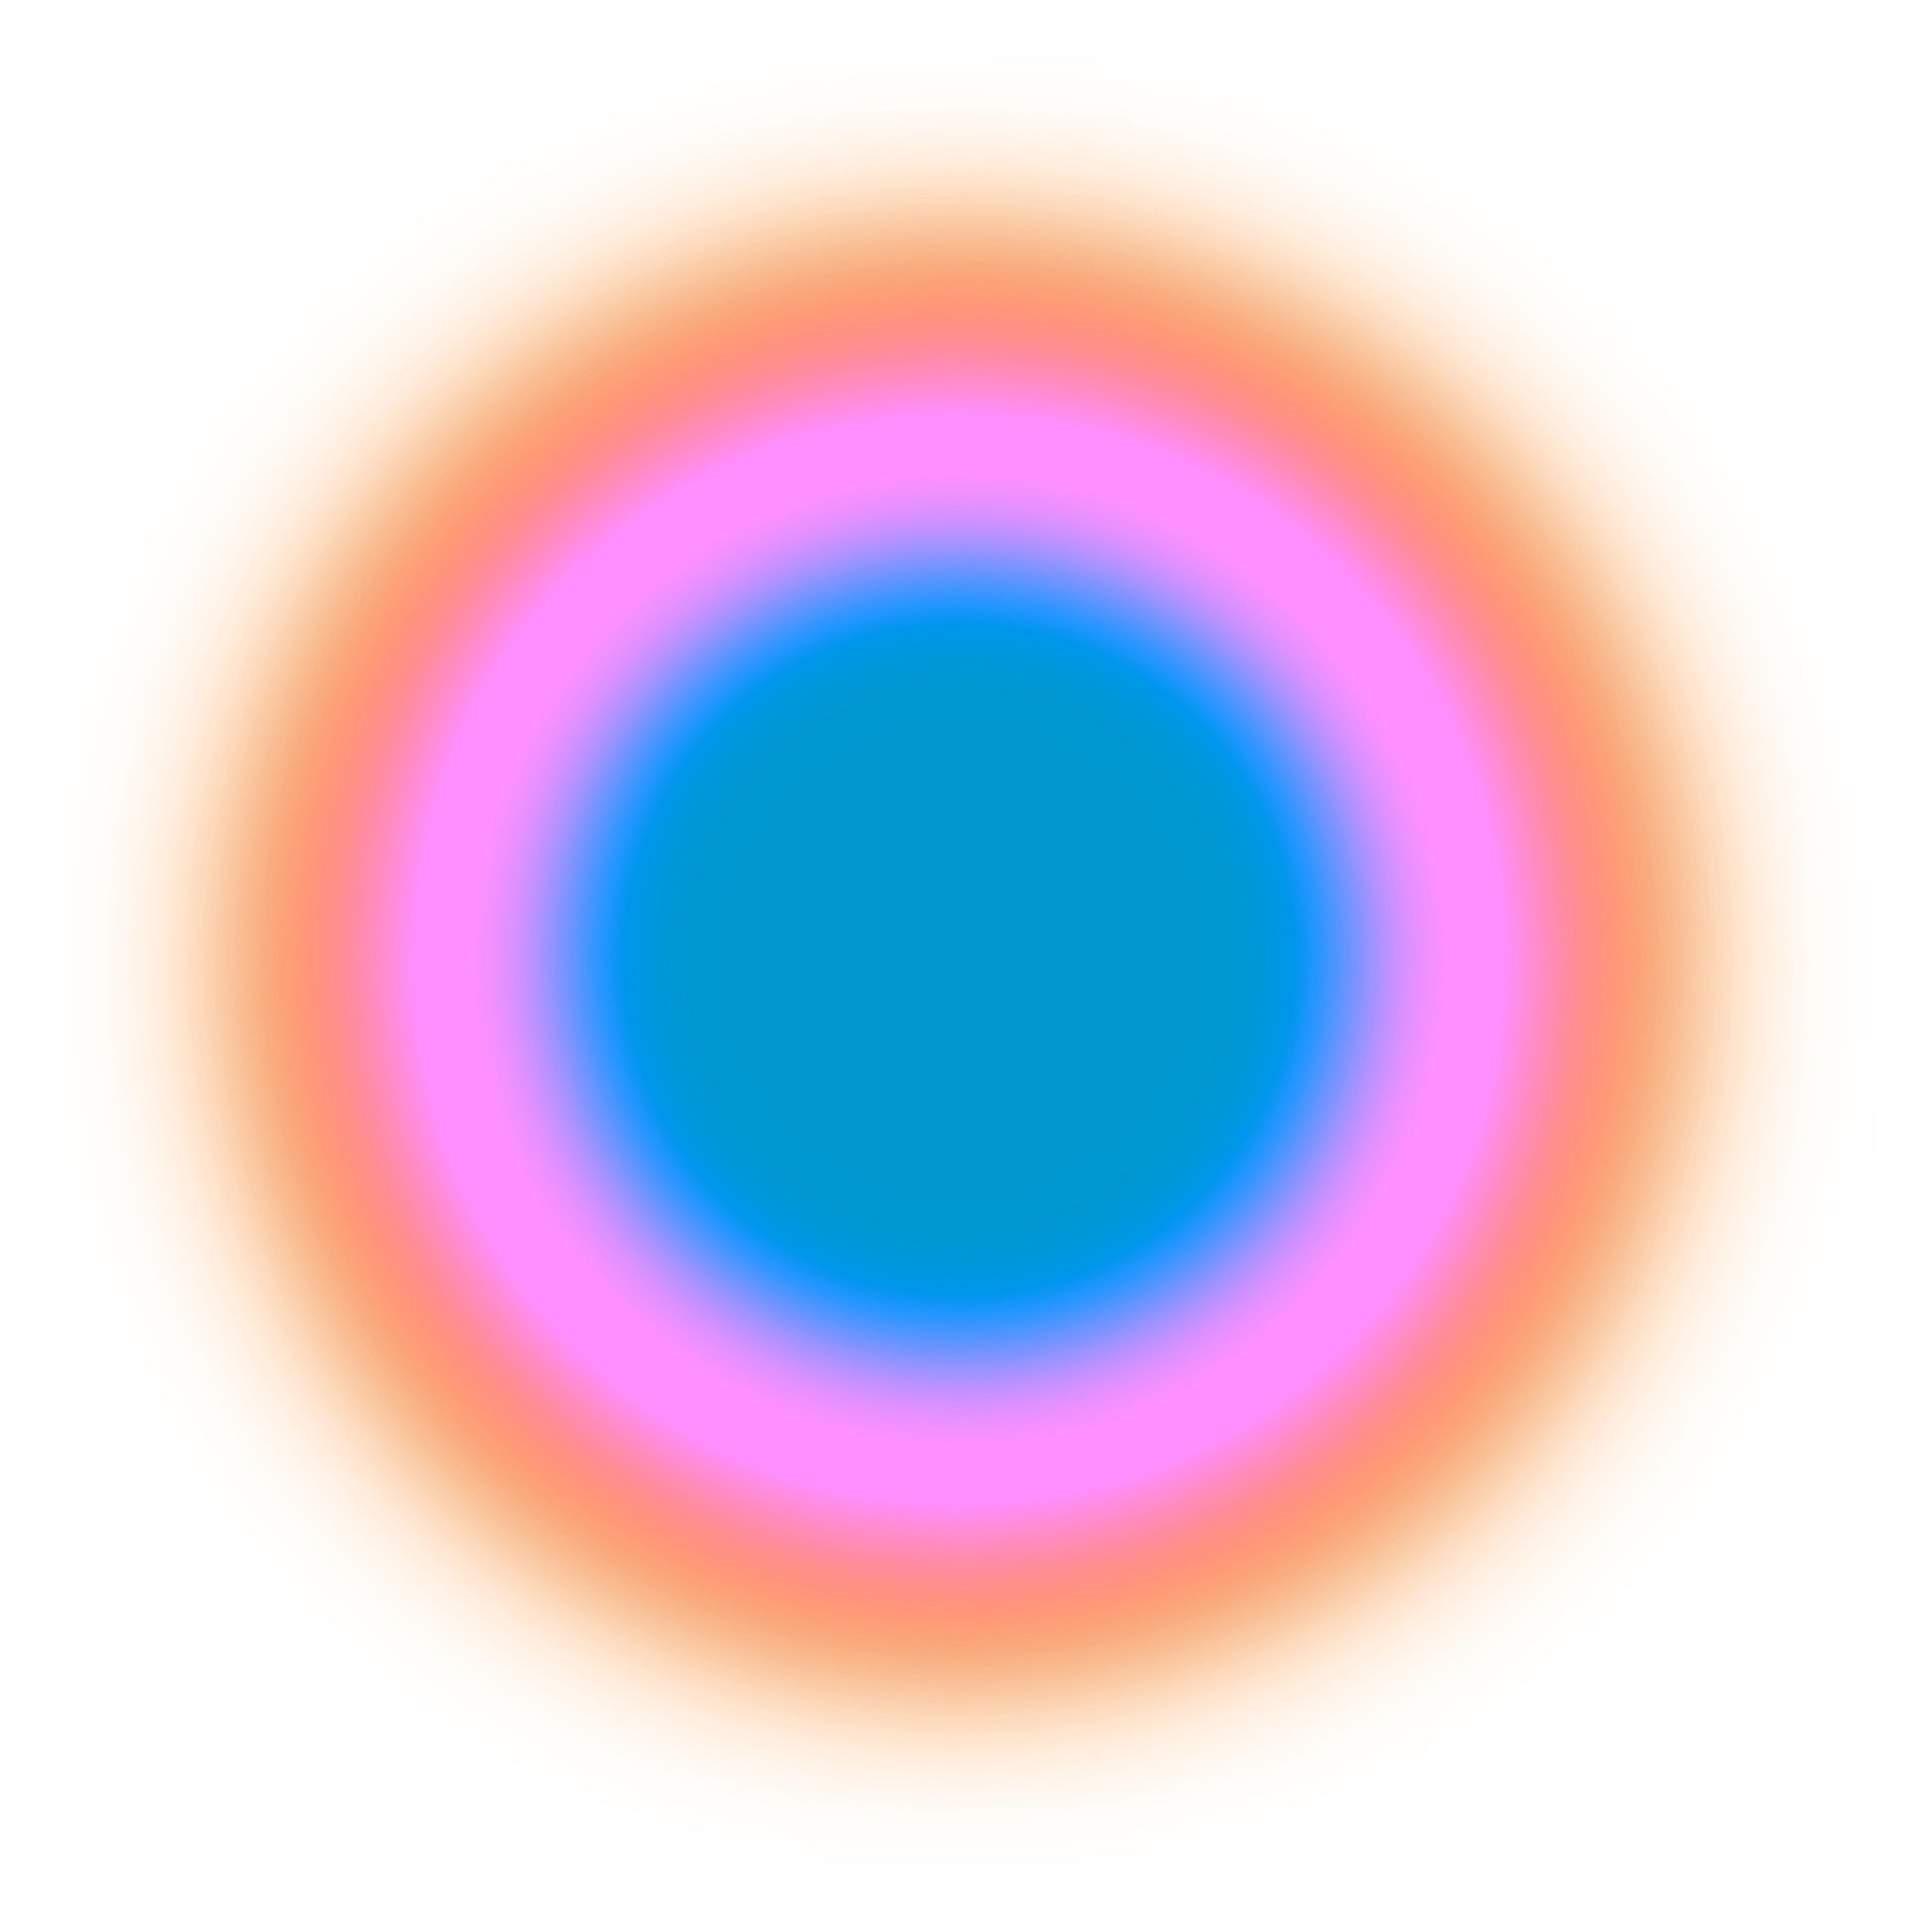 luz-cor